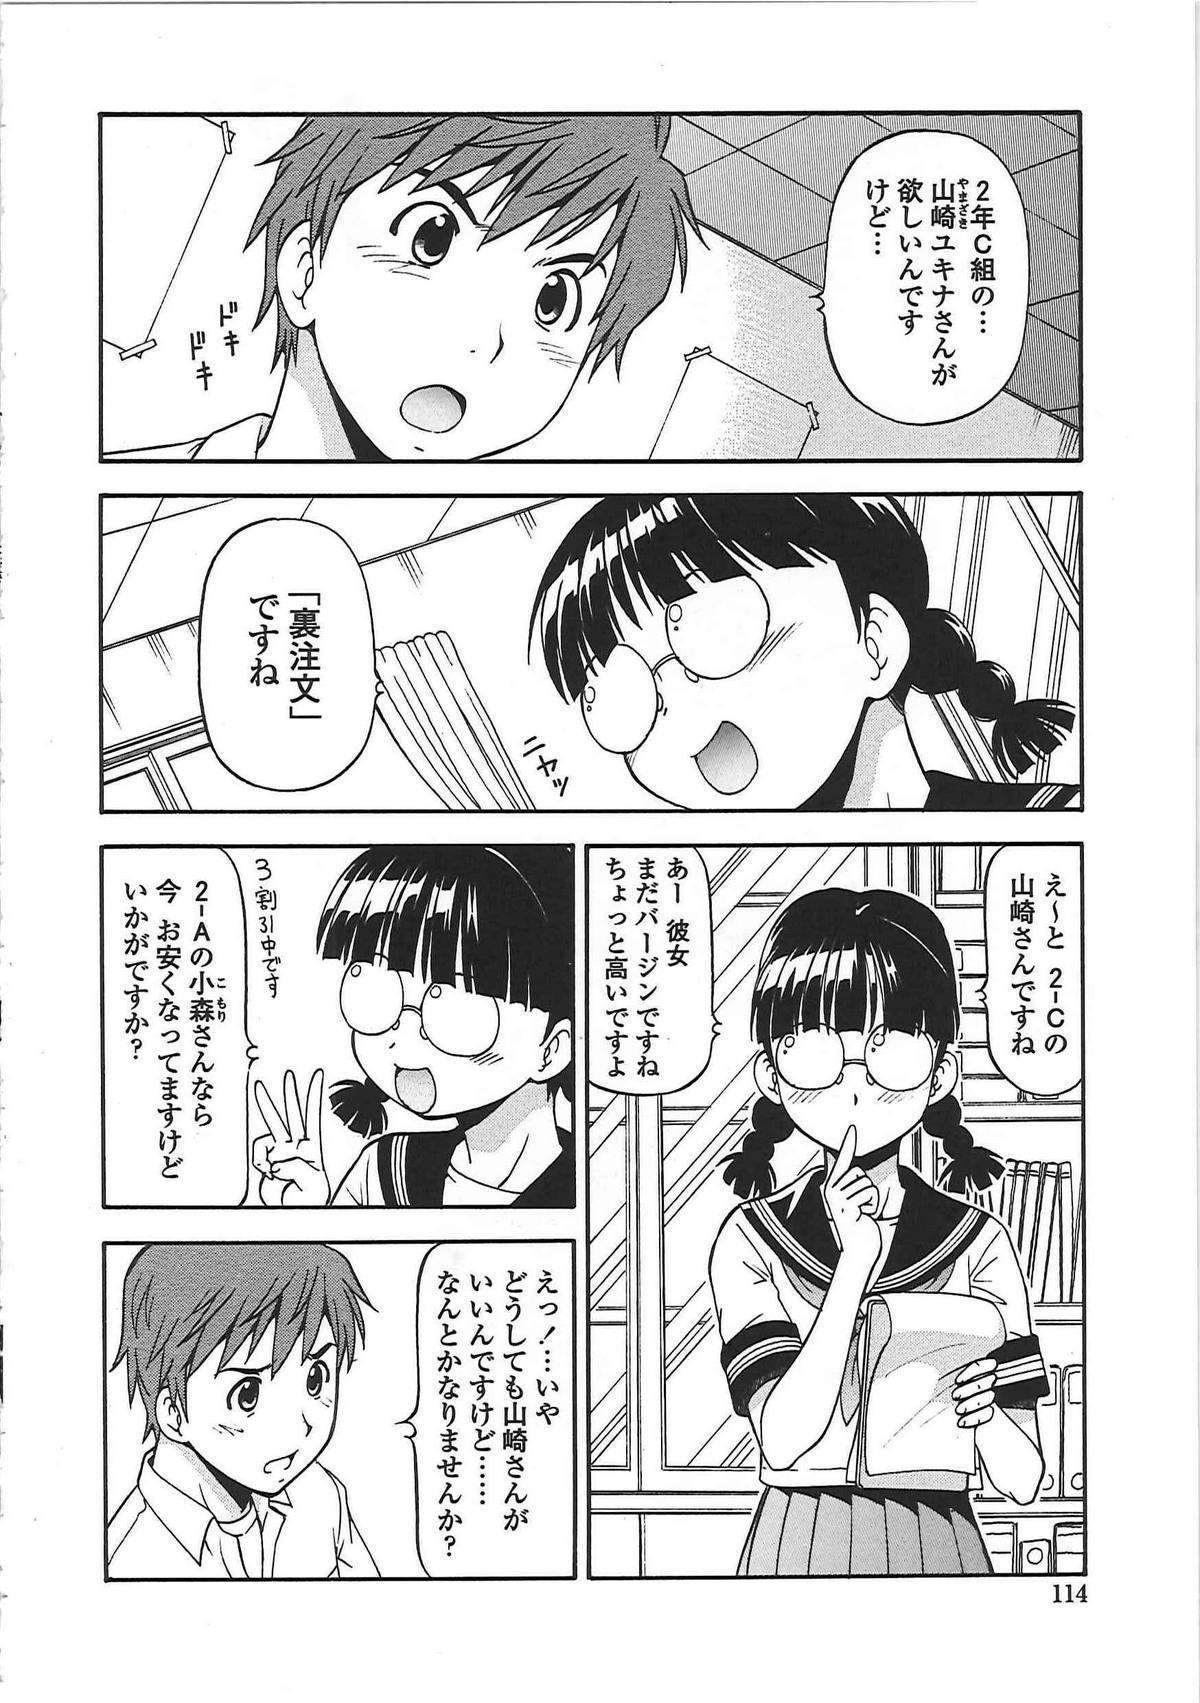 Hentai Iinchou 118